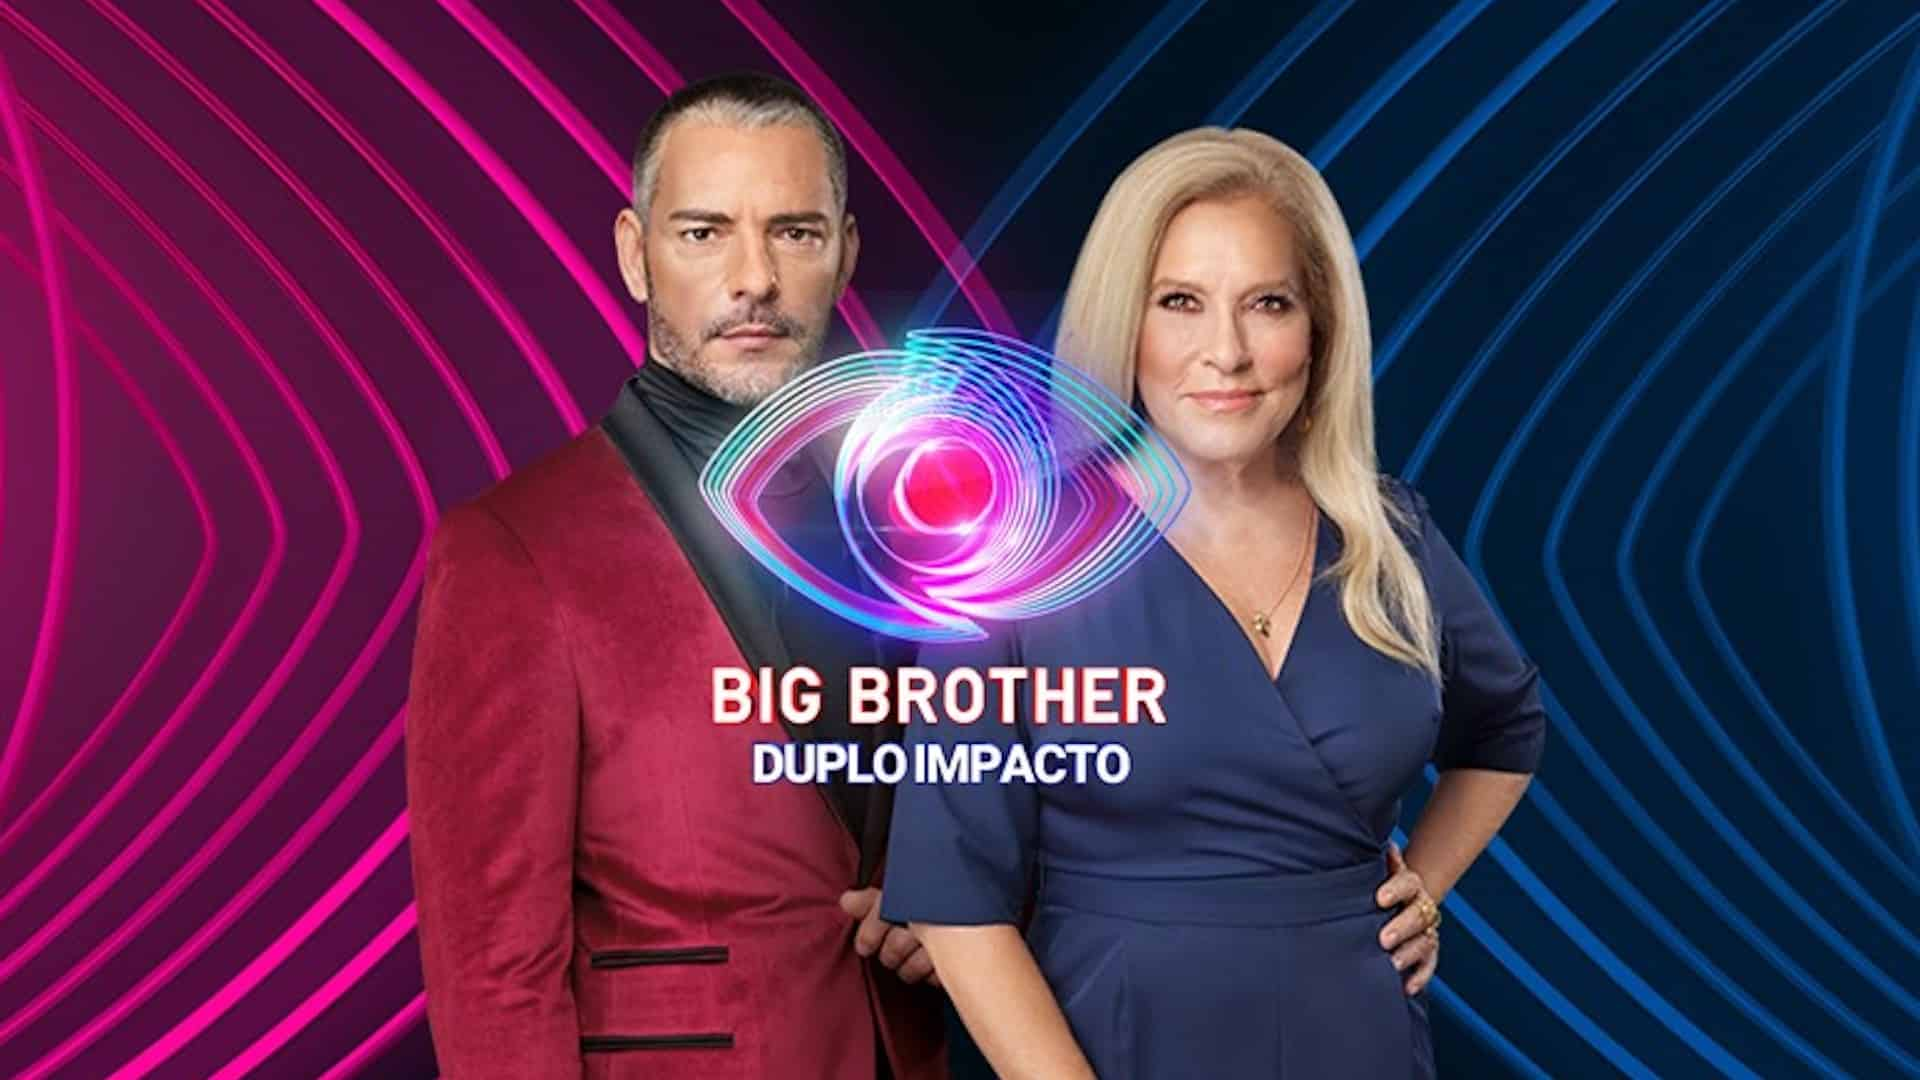 Big Brother audiências 31 janeiro 2021